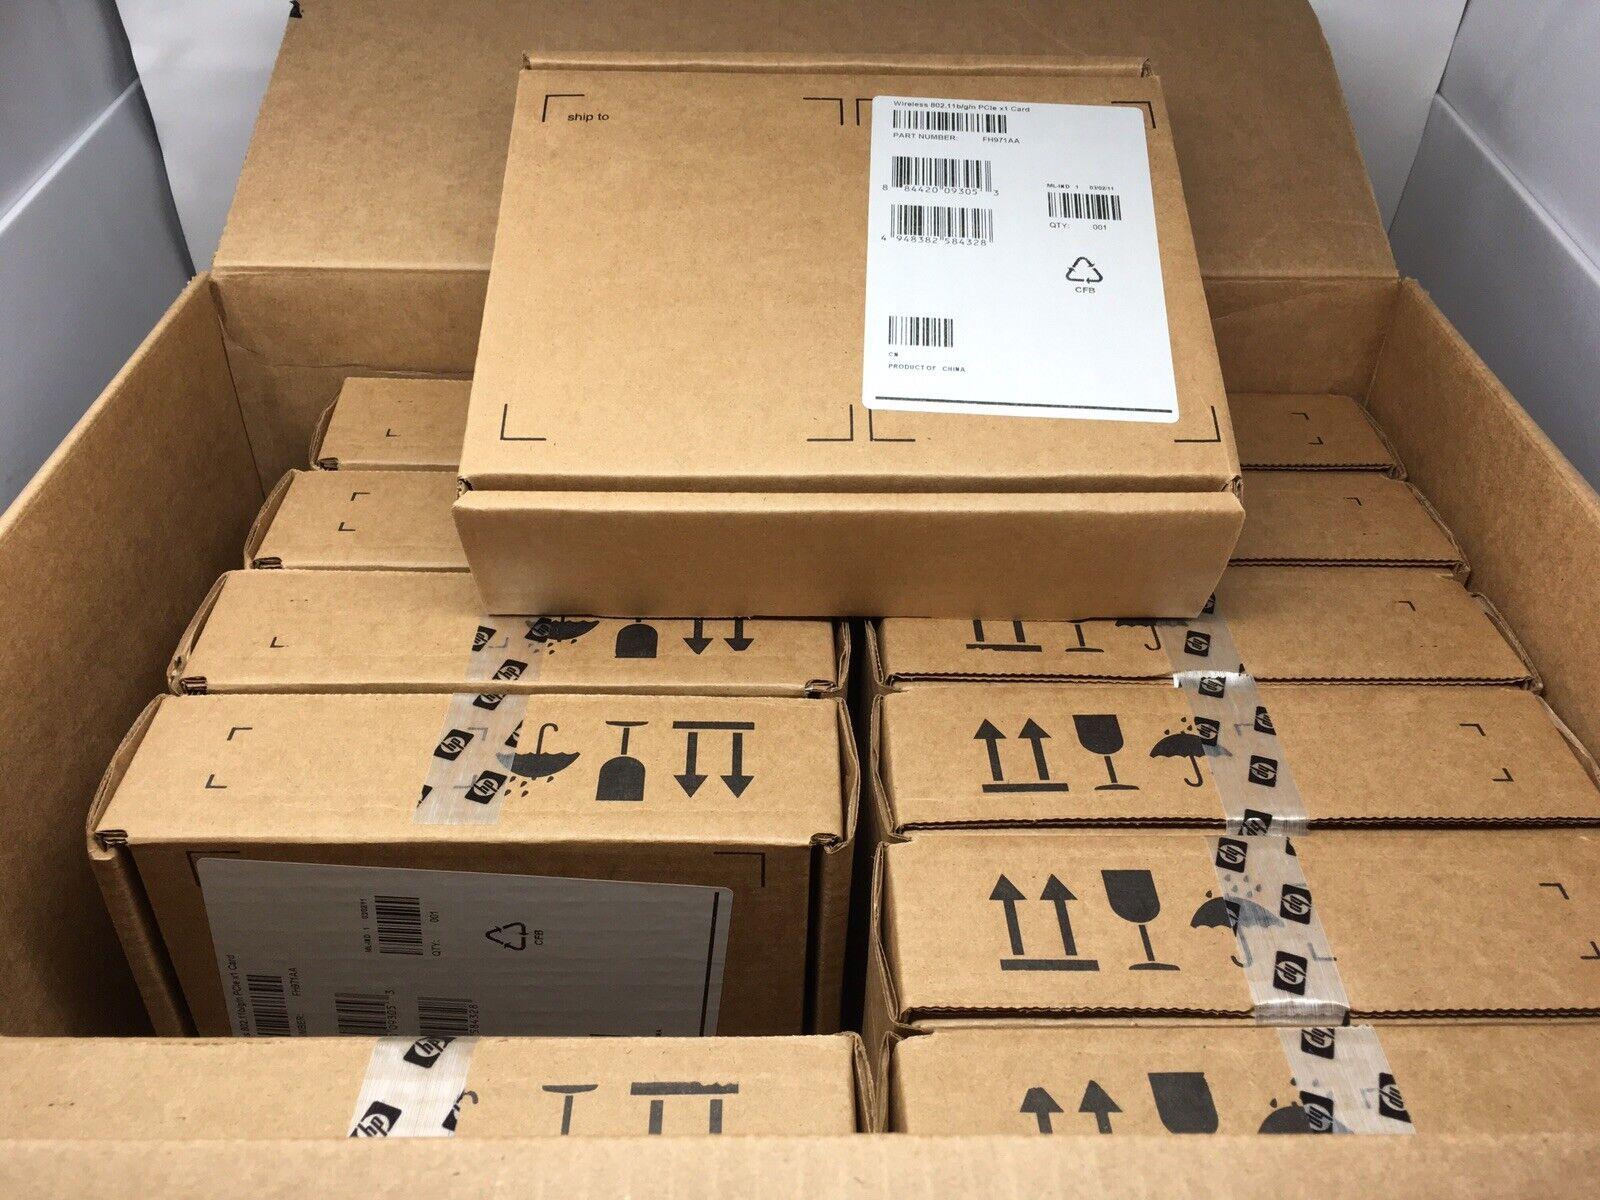 Lot of 12 NEW HP FH971AA Wireless 802.11 b/g/n PCIe x1 Card WPA2 Sealed